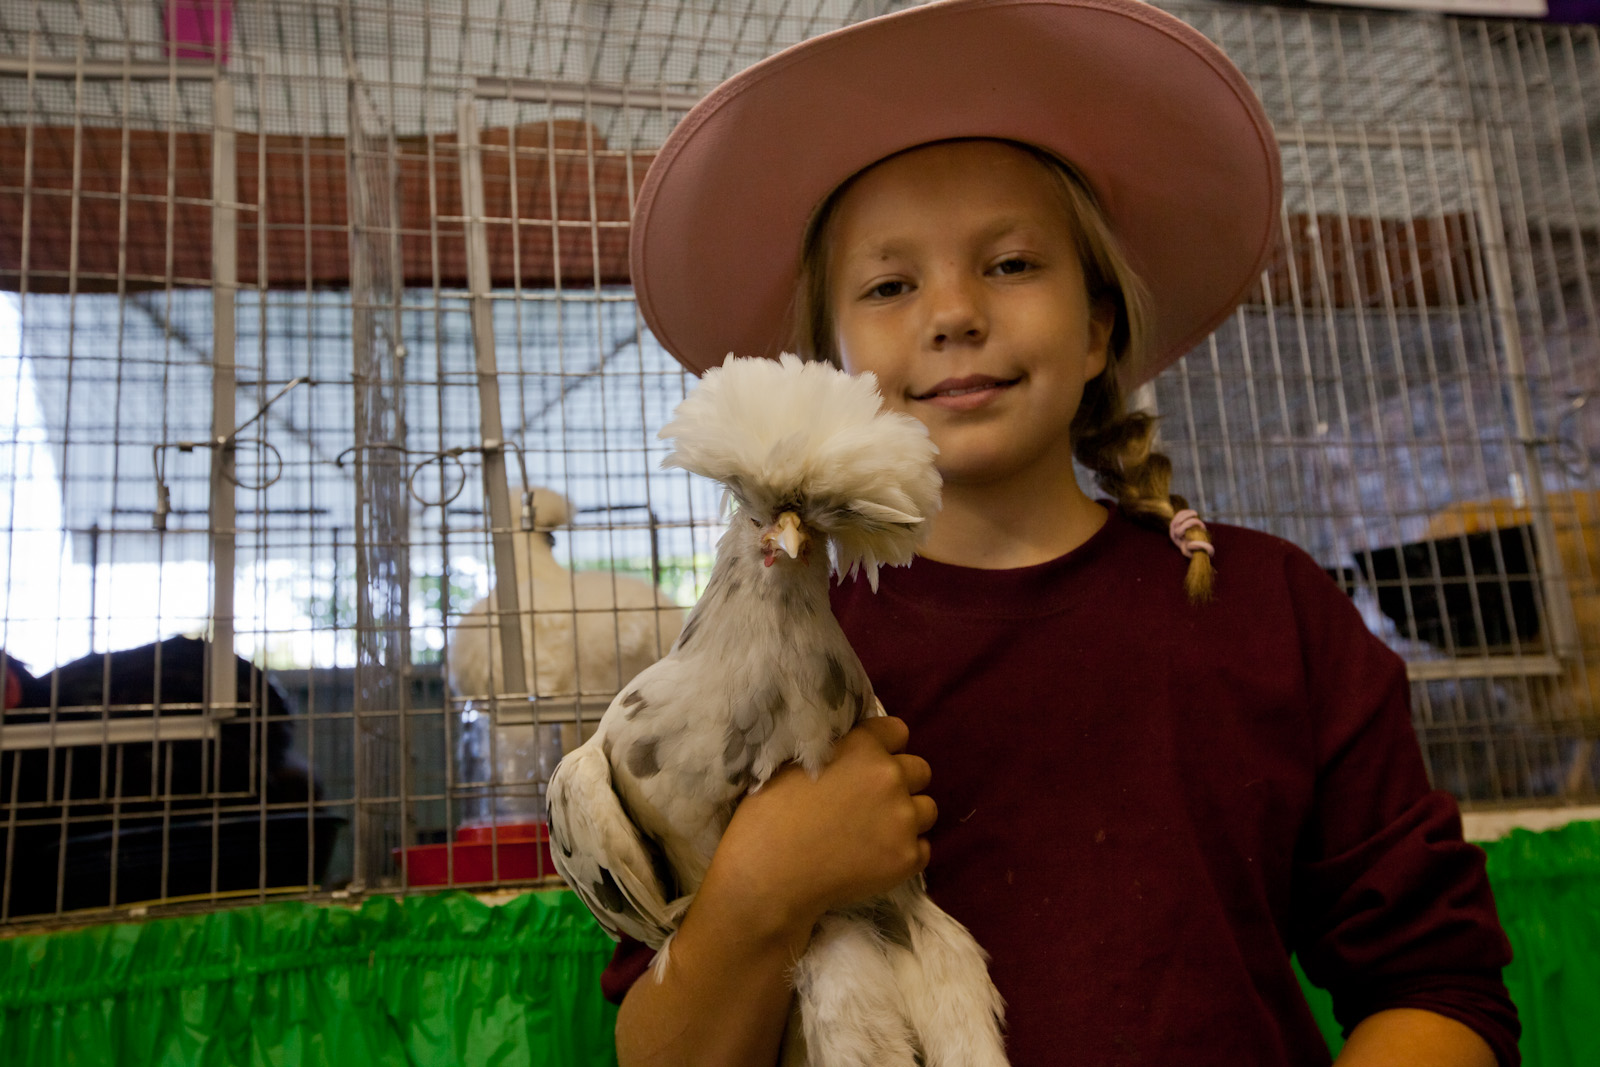 Walla Walla County Fair <br>(SE_WA_083112_1090-8.jpg)